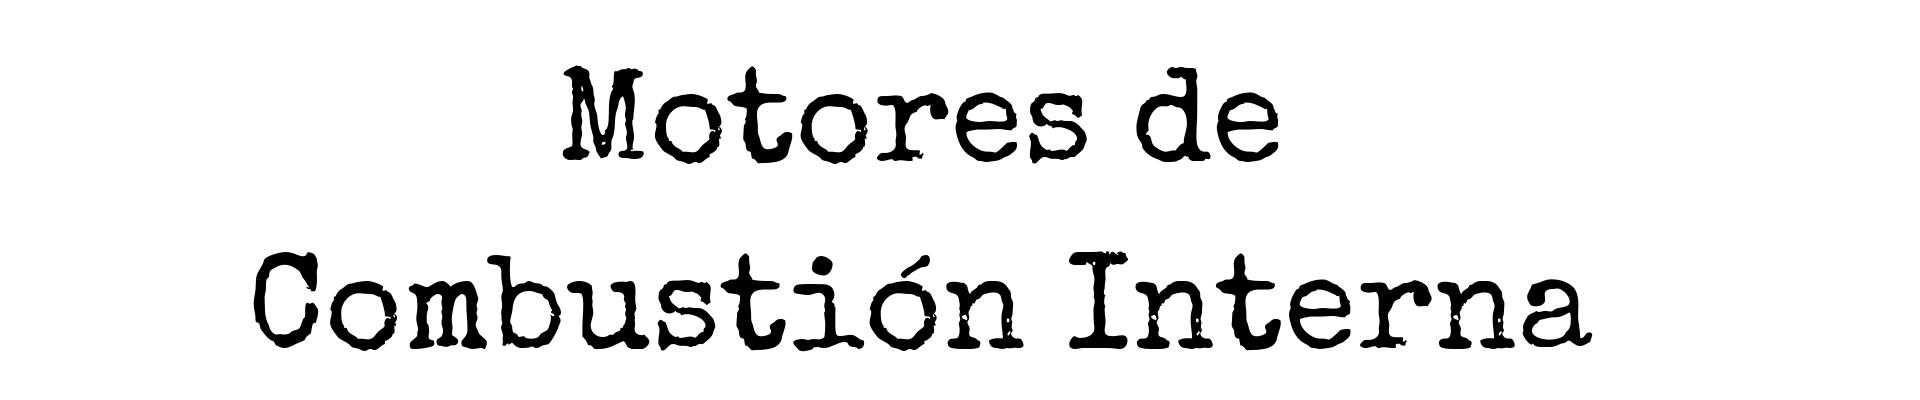 Libros de Motores de Combustión Interna Portada